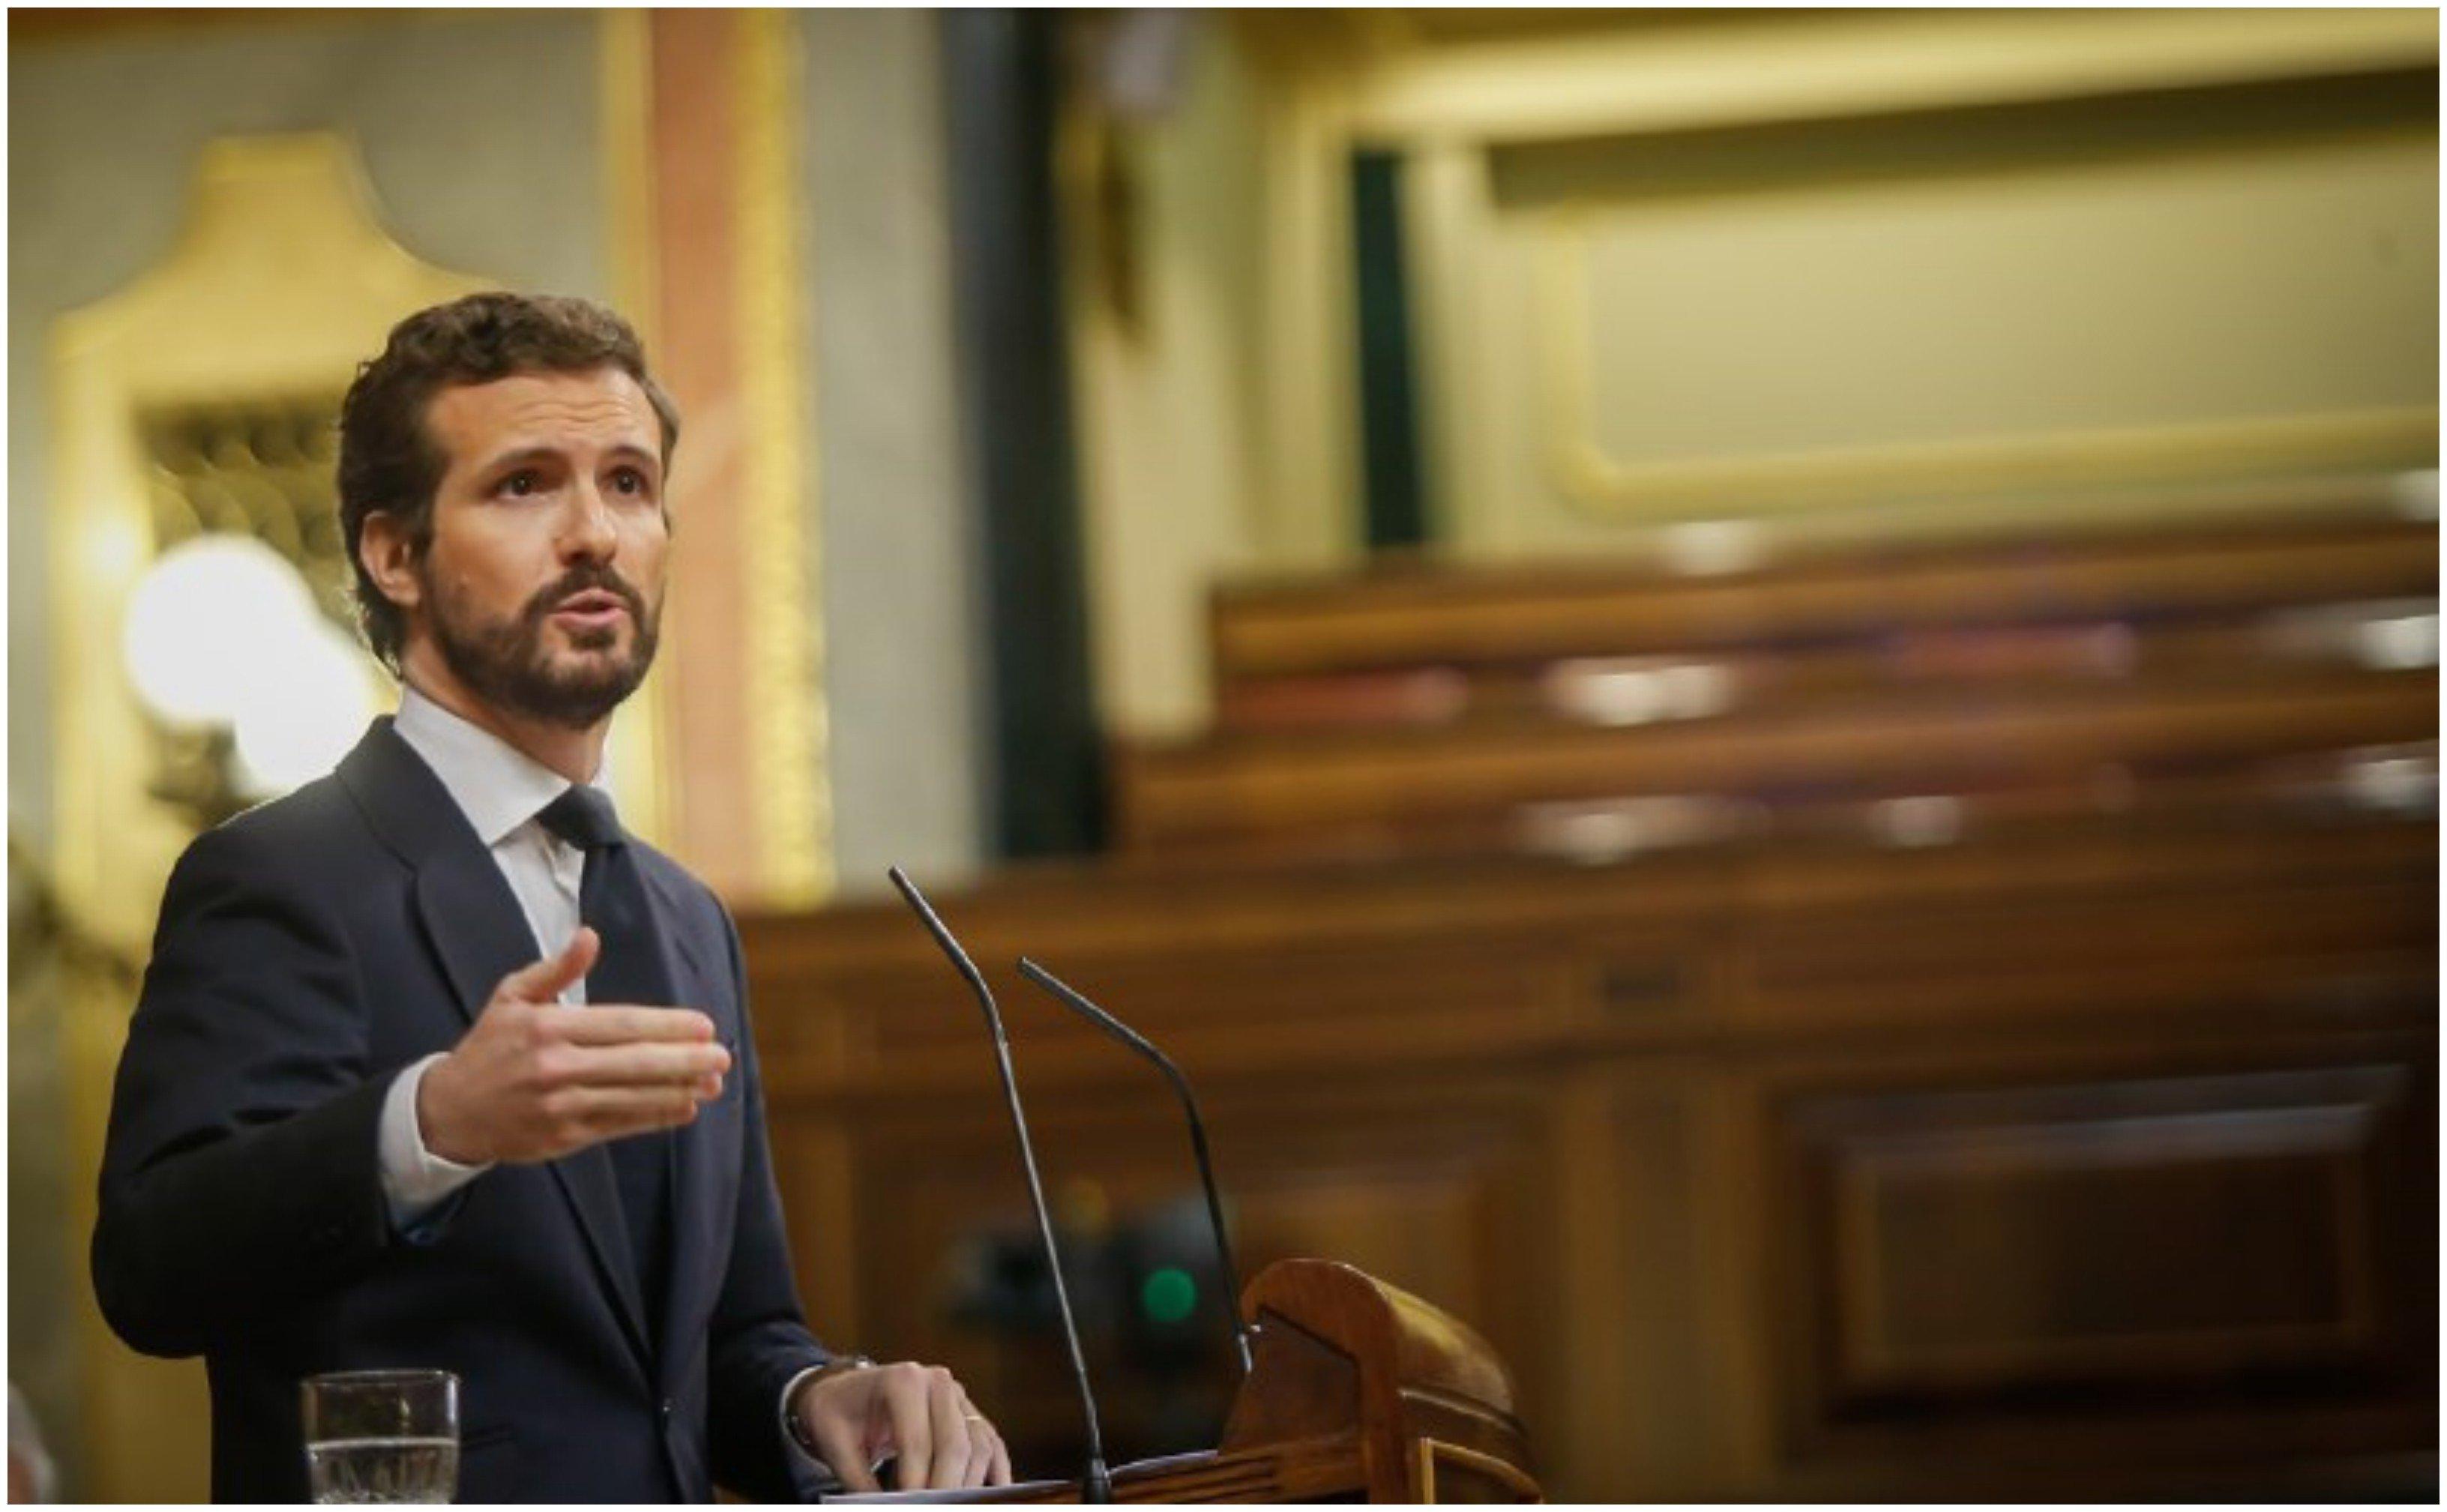 """Pablo Casado anuncia que el PP votará en contra de una nueva prórroga del estado de alarma: """"No le volveremos a apoyar para hundir a España por tercera vez"""""""